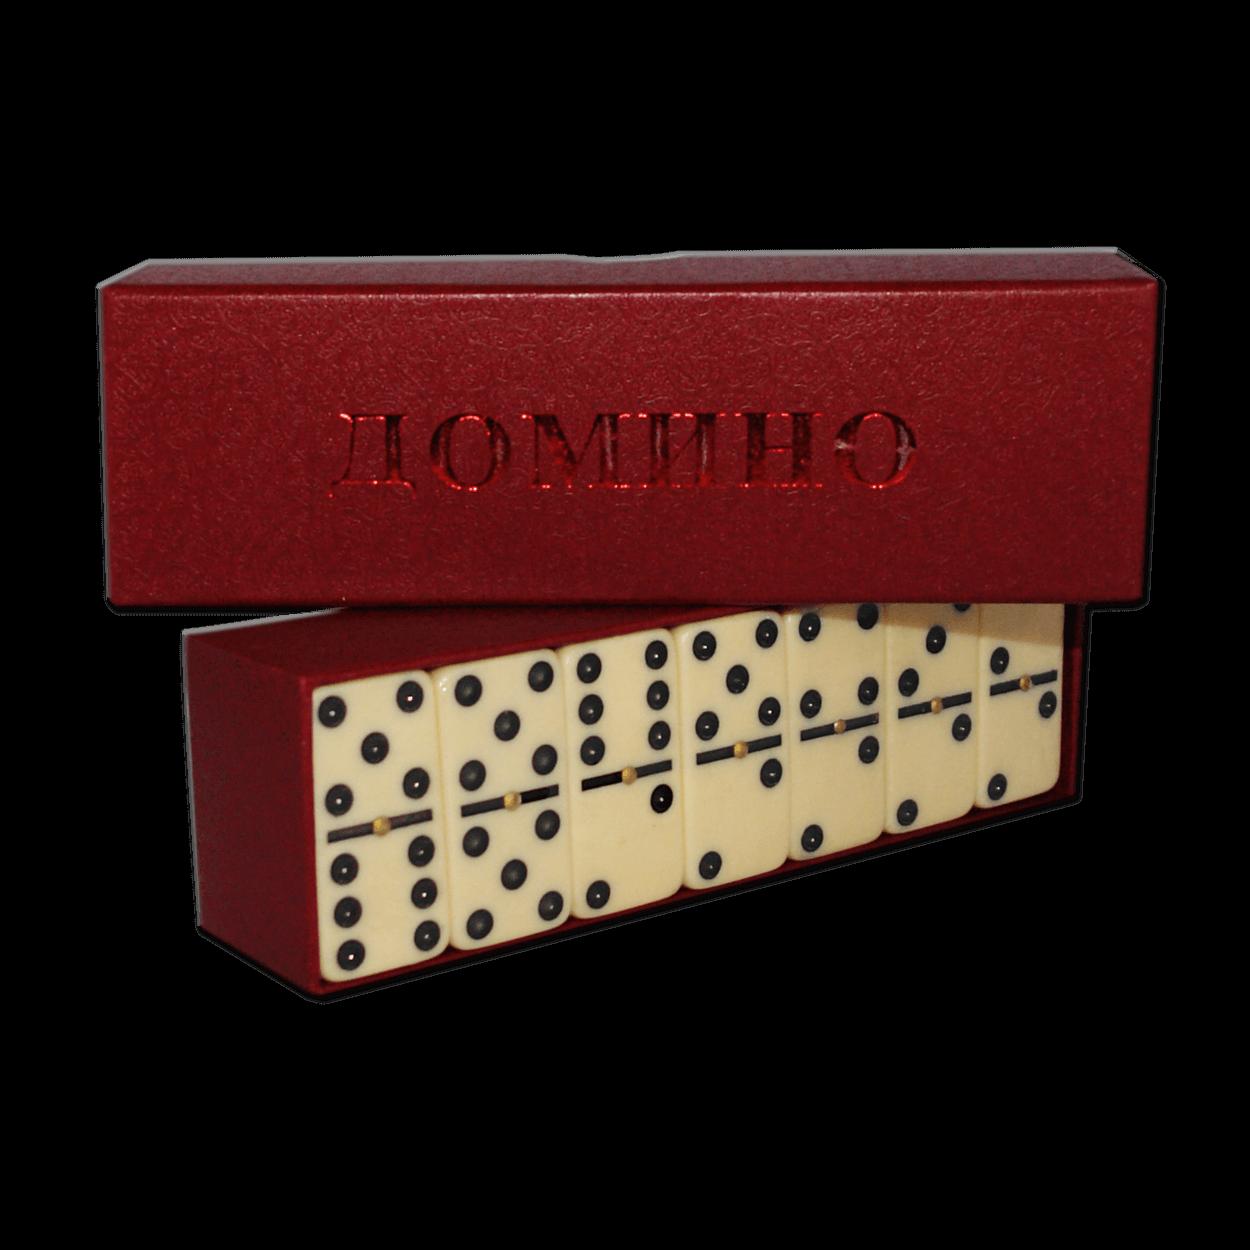 Russische Spiel Domino Tischspiel Weiß in Kartonbox Игра Домино